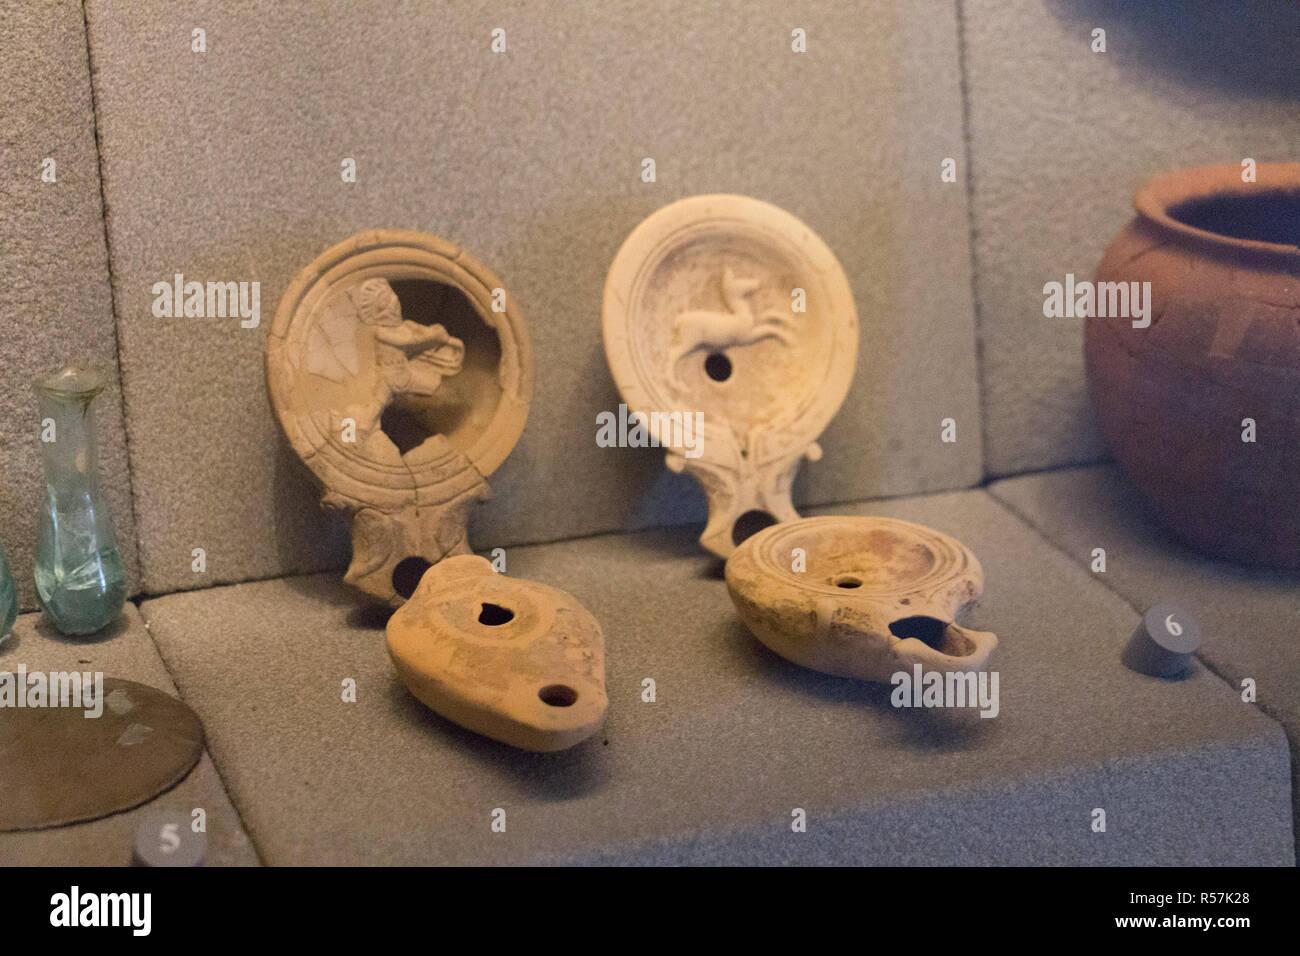 L'Italia, Brescia - 24 dicembre 2017: la vista di antichi oggetti di uso quotidiano nel Museo di Santa Giulia il 24 dicembre 2017 a Brescia, Lombardia. Immagini Stock